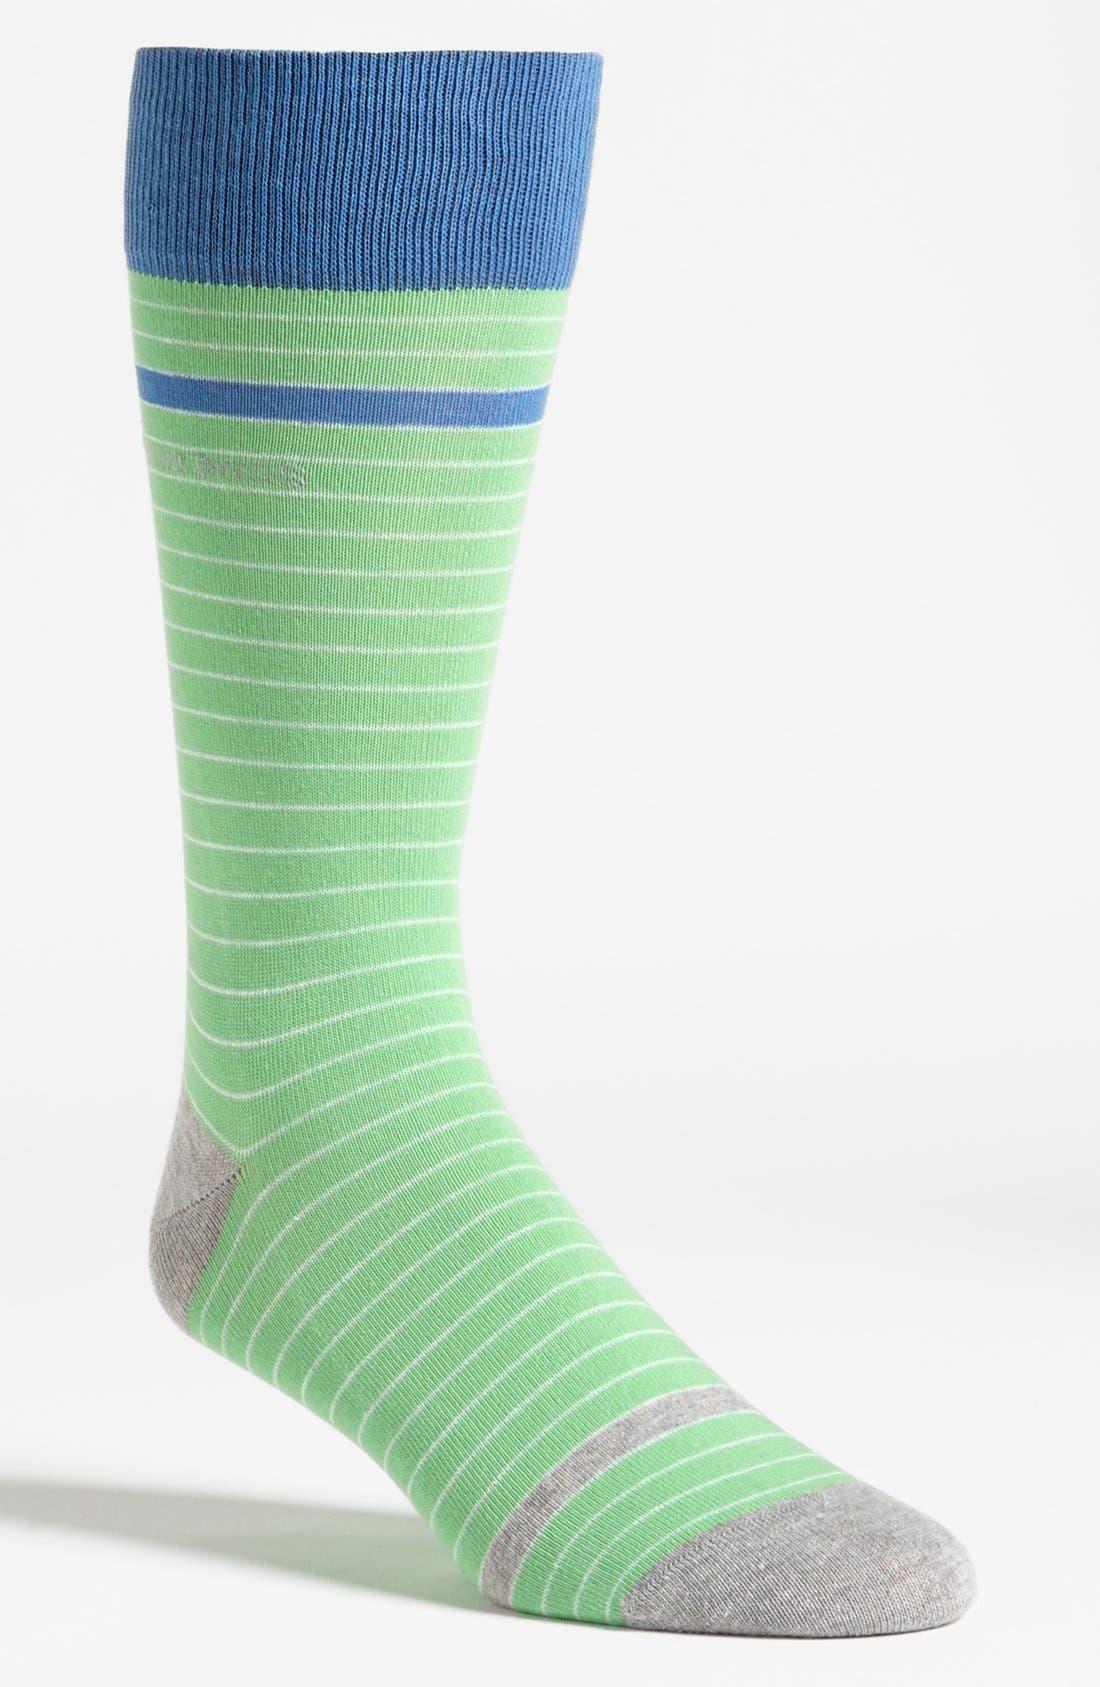 Alternate Image 1 Selected - BOSS HUGO BOSS 'RS Design' Socks